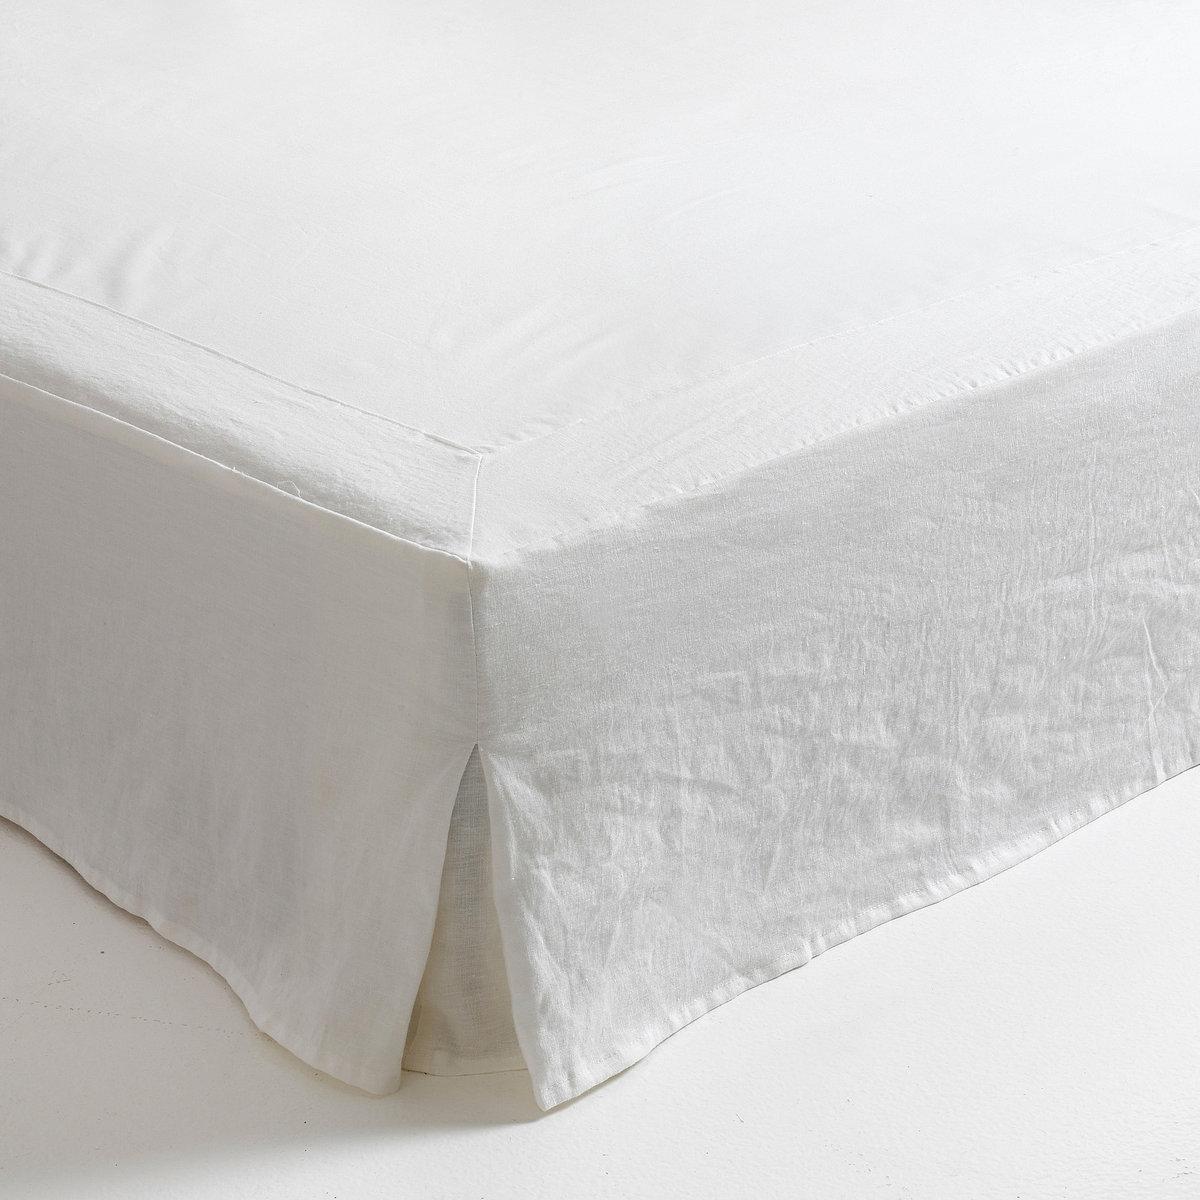 Чехол для кровати из пеньки/хлопка, Linéo